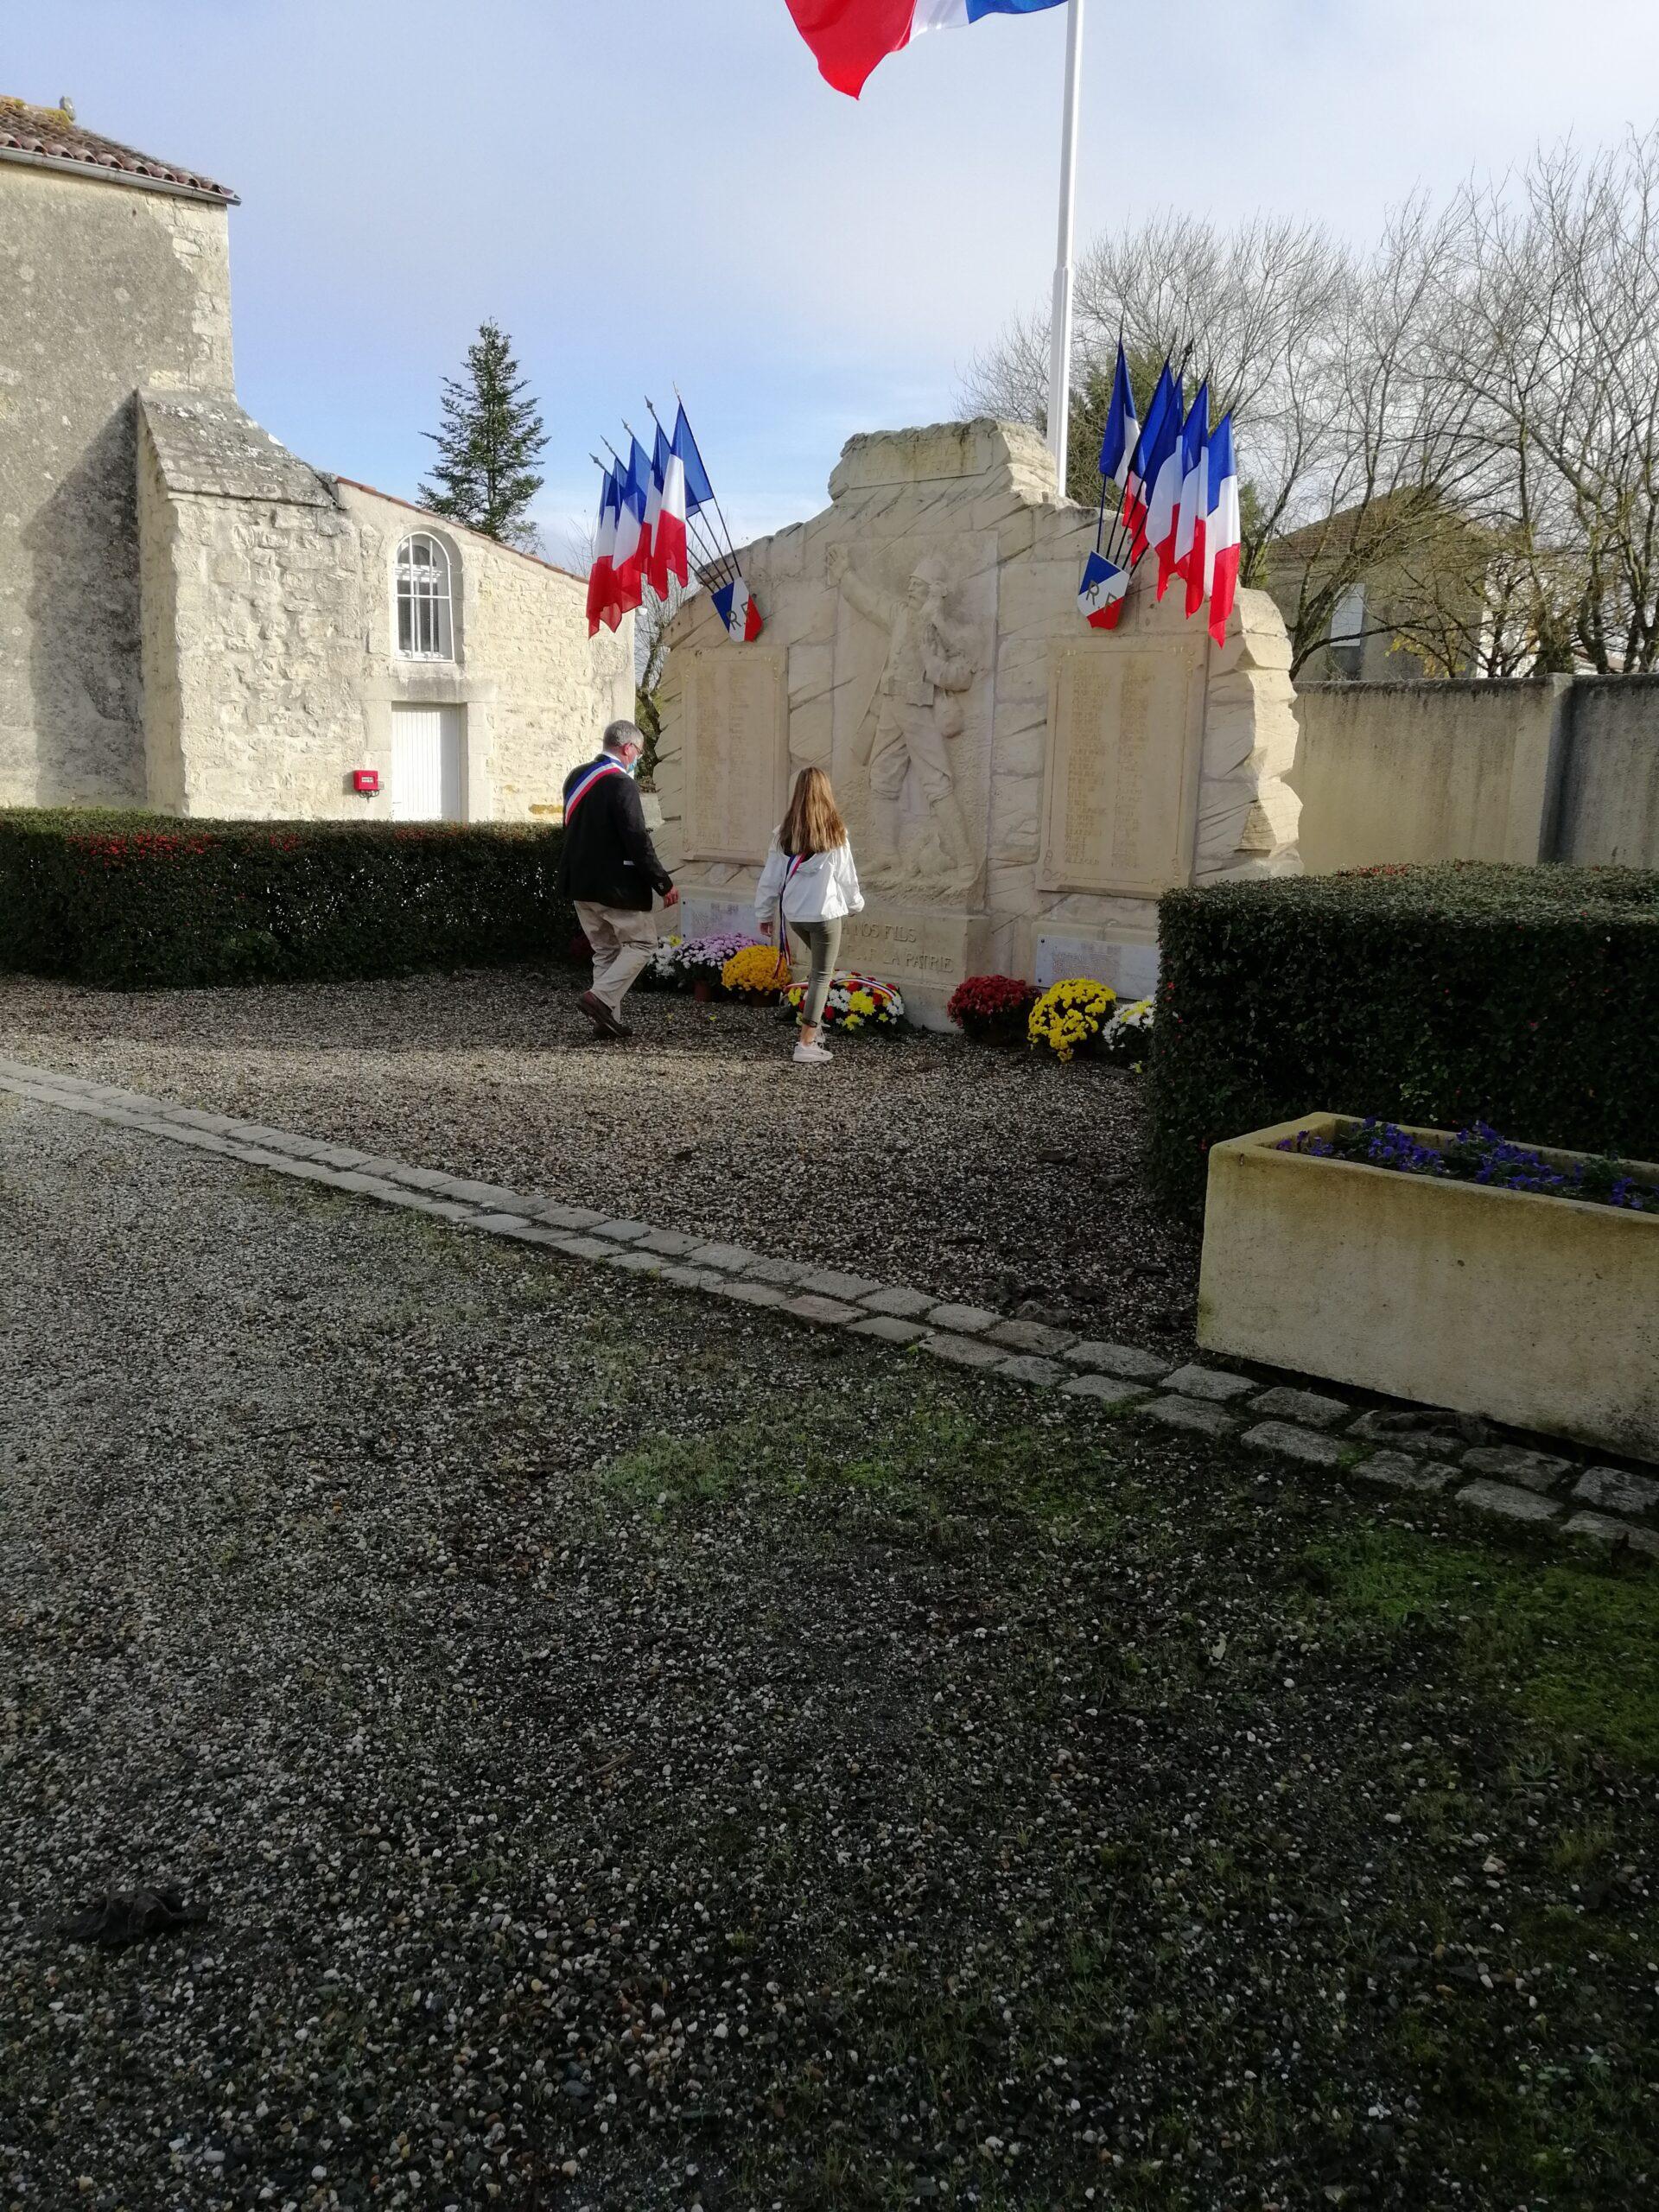 Armistice fleurs et drapeaux français